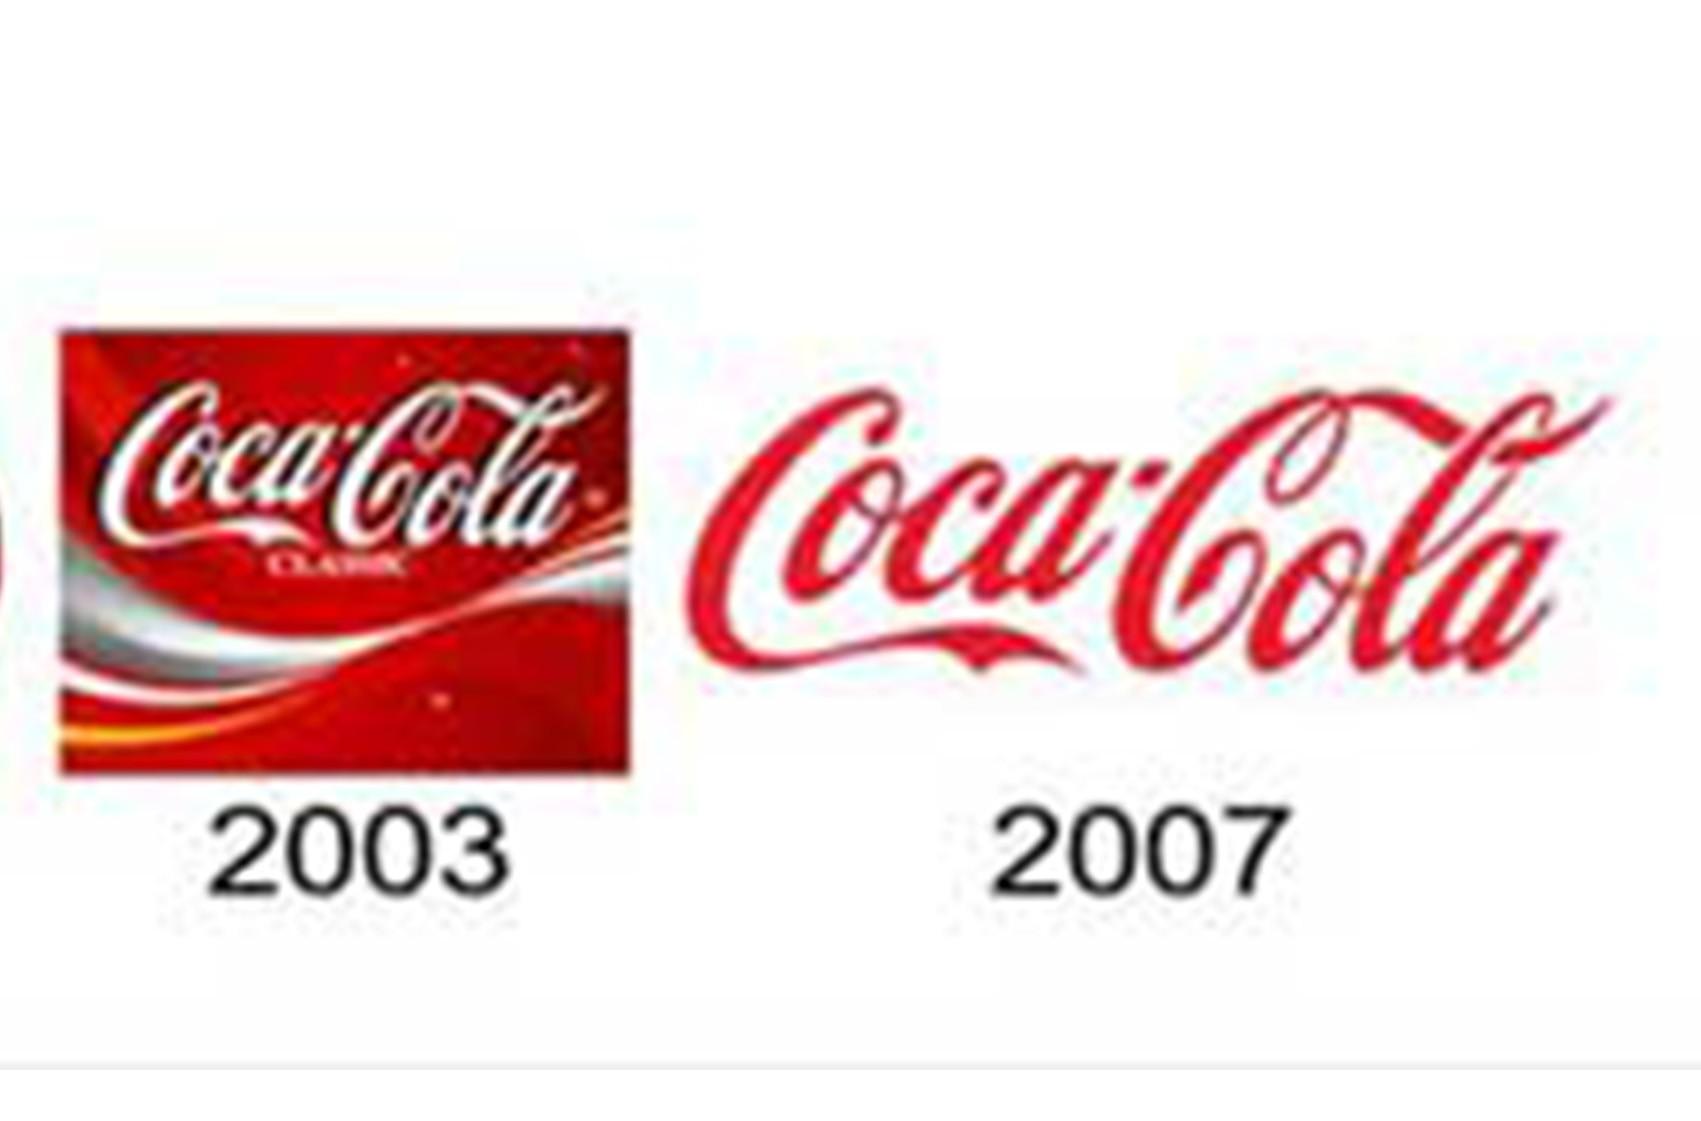 داستان لوگوی coca cola